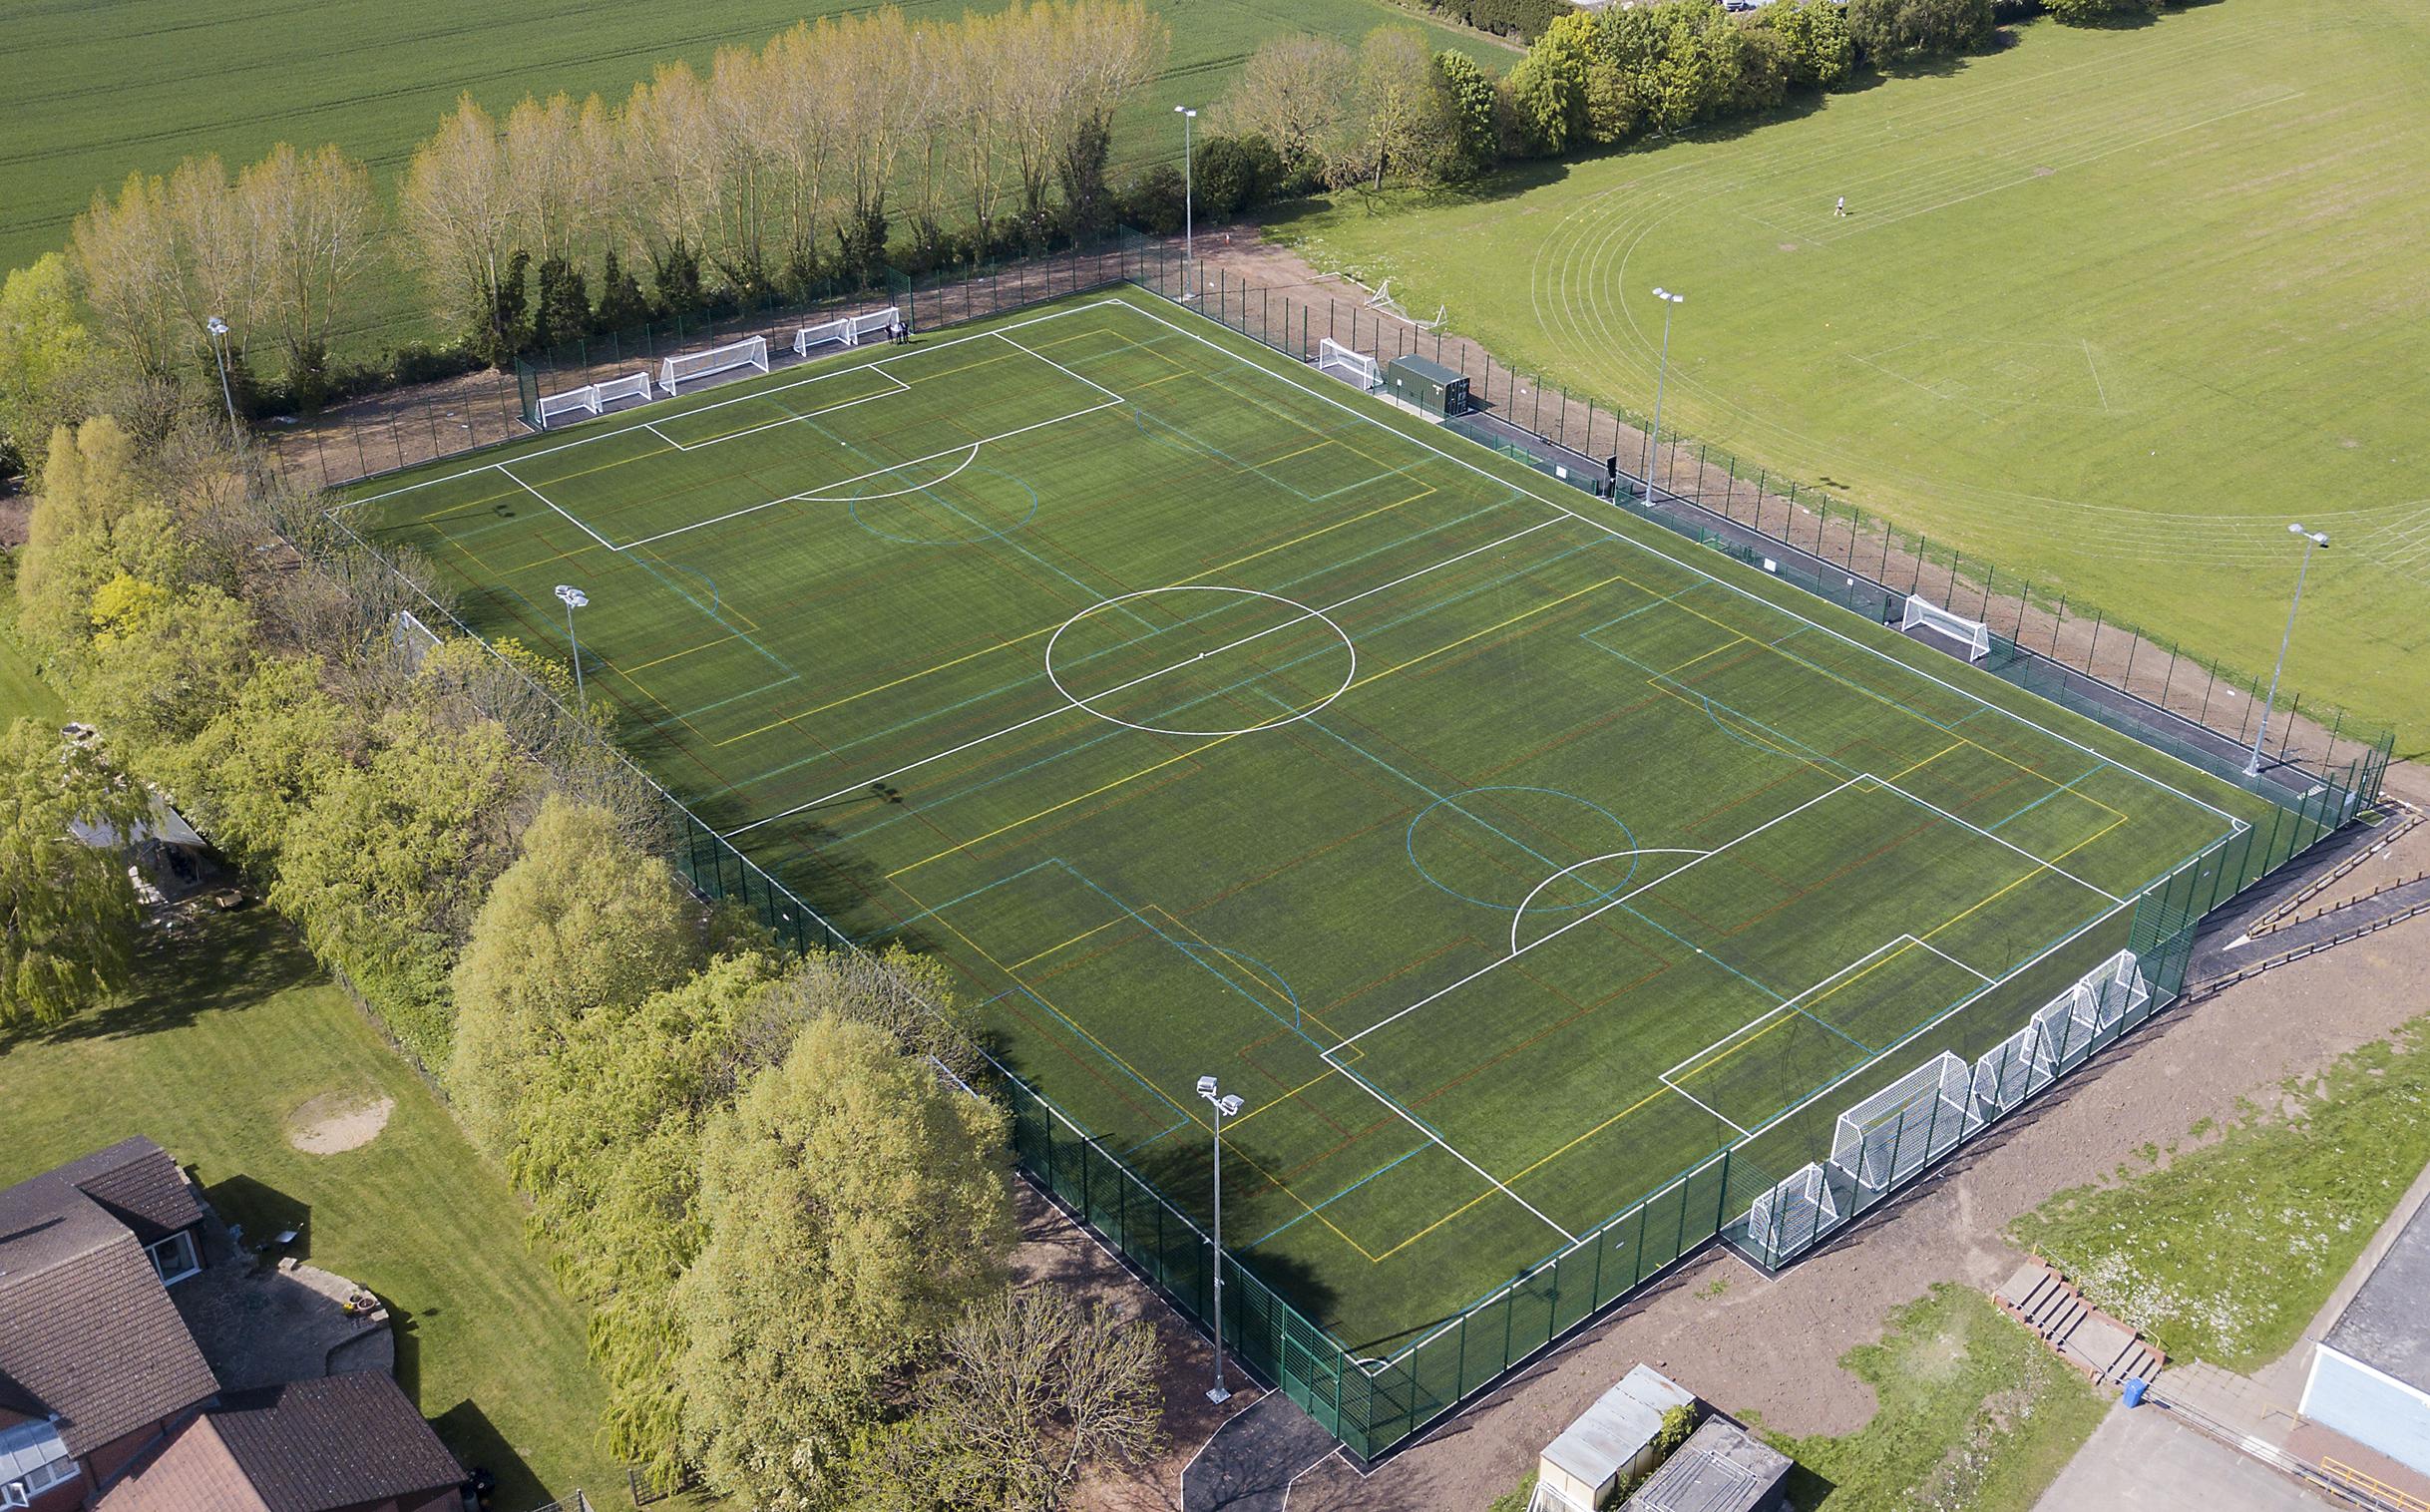 5G Football Field